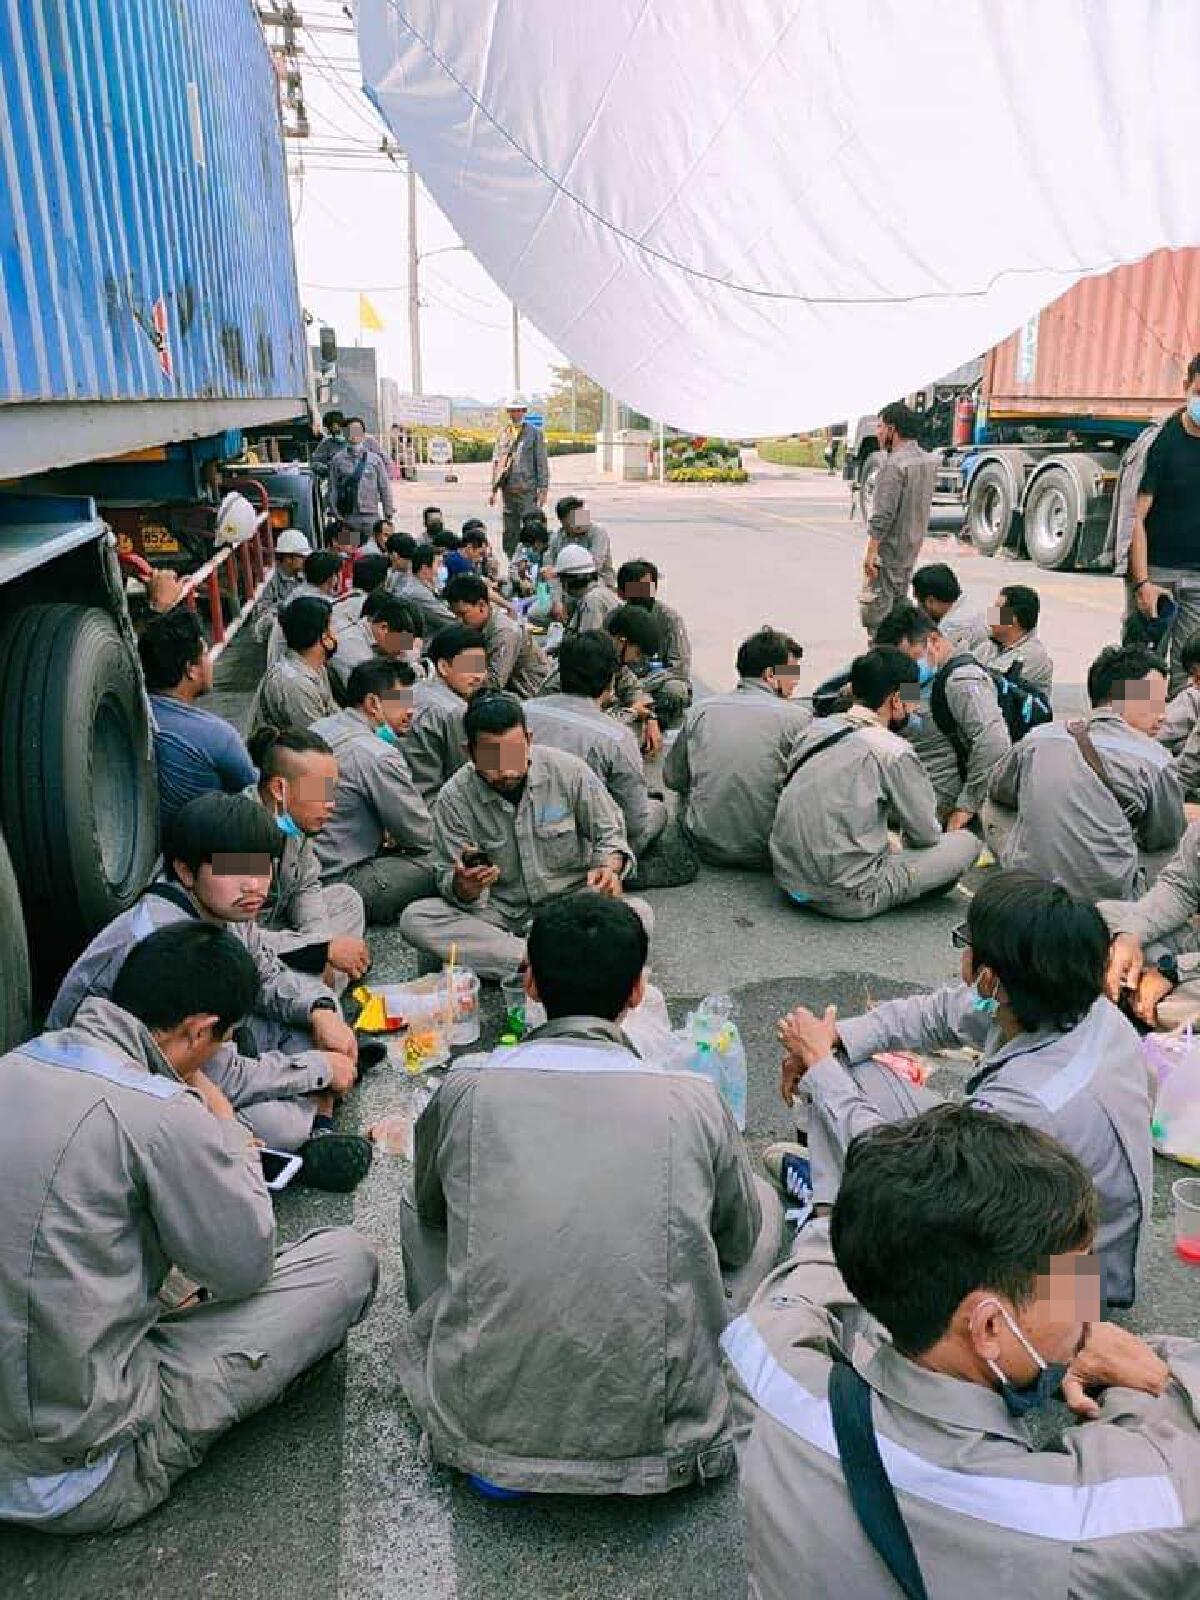 หนุ่มโรงงาน รวมกลุ่มประท้วง หลังผู้ประกอบการปฏิเสธจ่ายค่าโบนัส